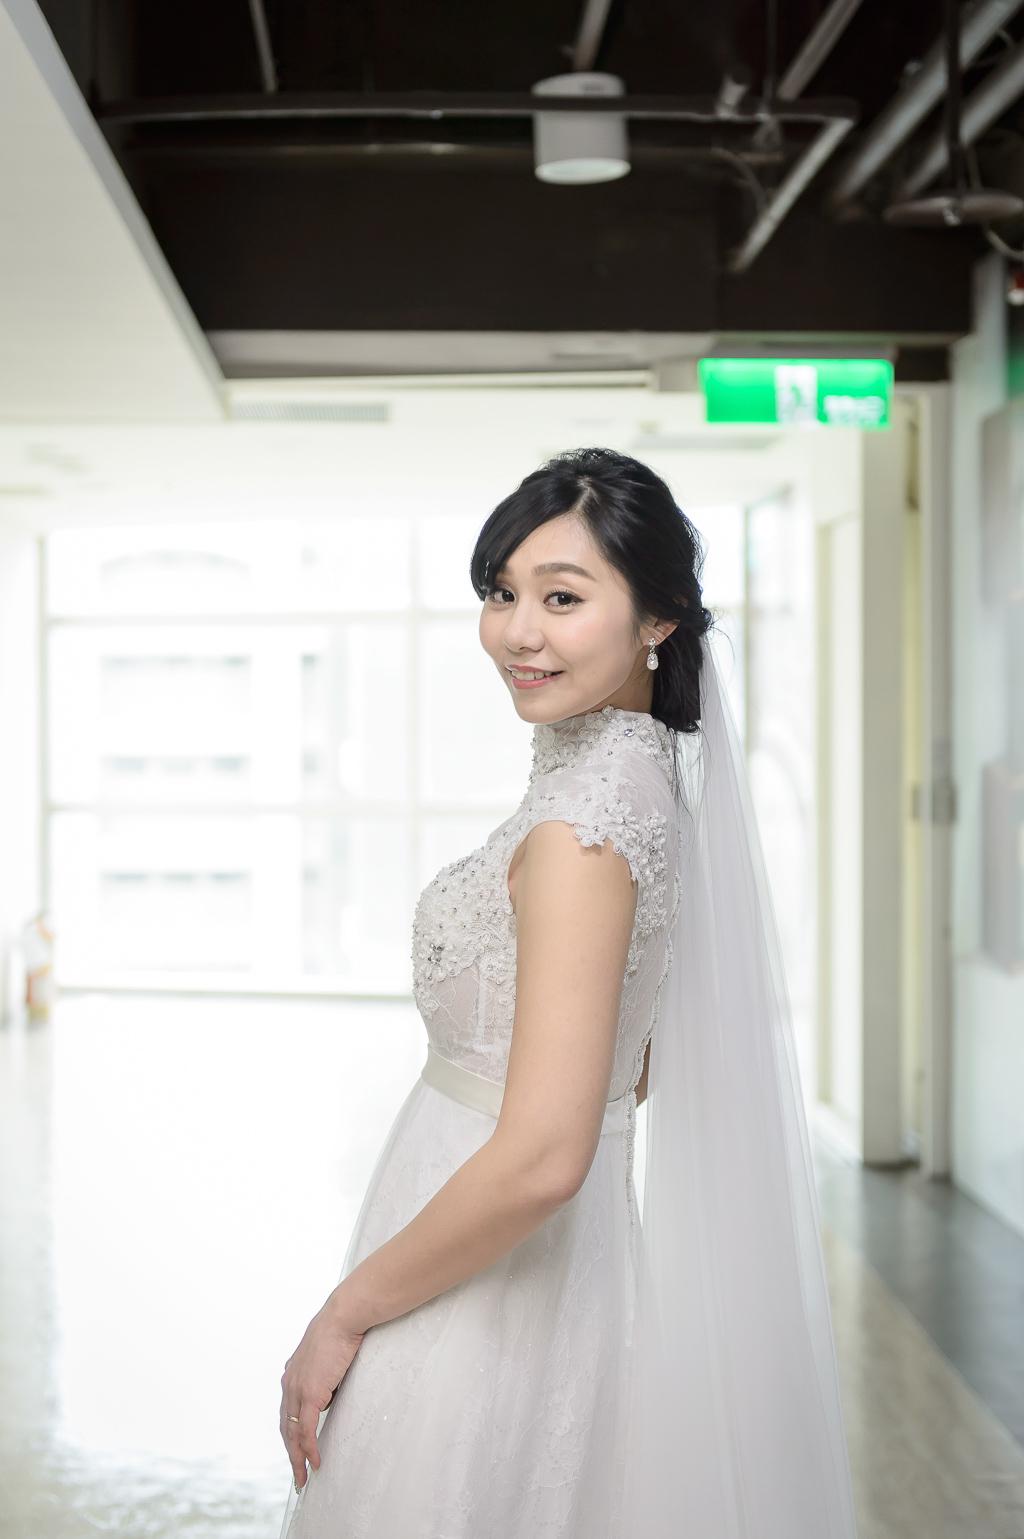 婚攝小勇,小寶團隊, 自助婚紗, 婚禮紀錄,內湖臻愛,台北婚攝,wedding day-048